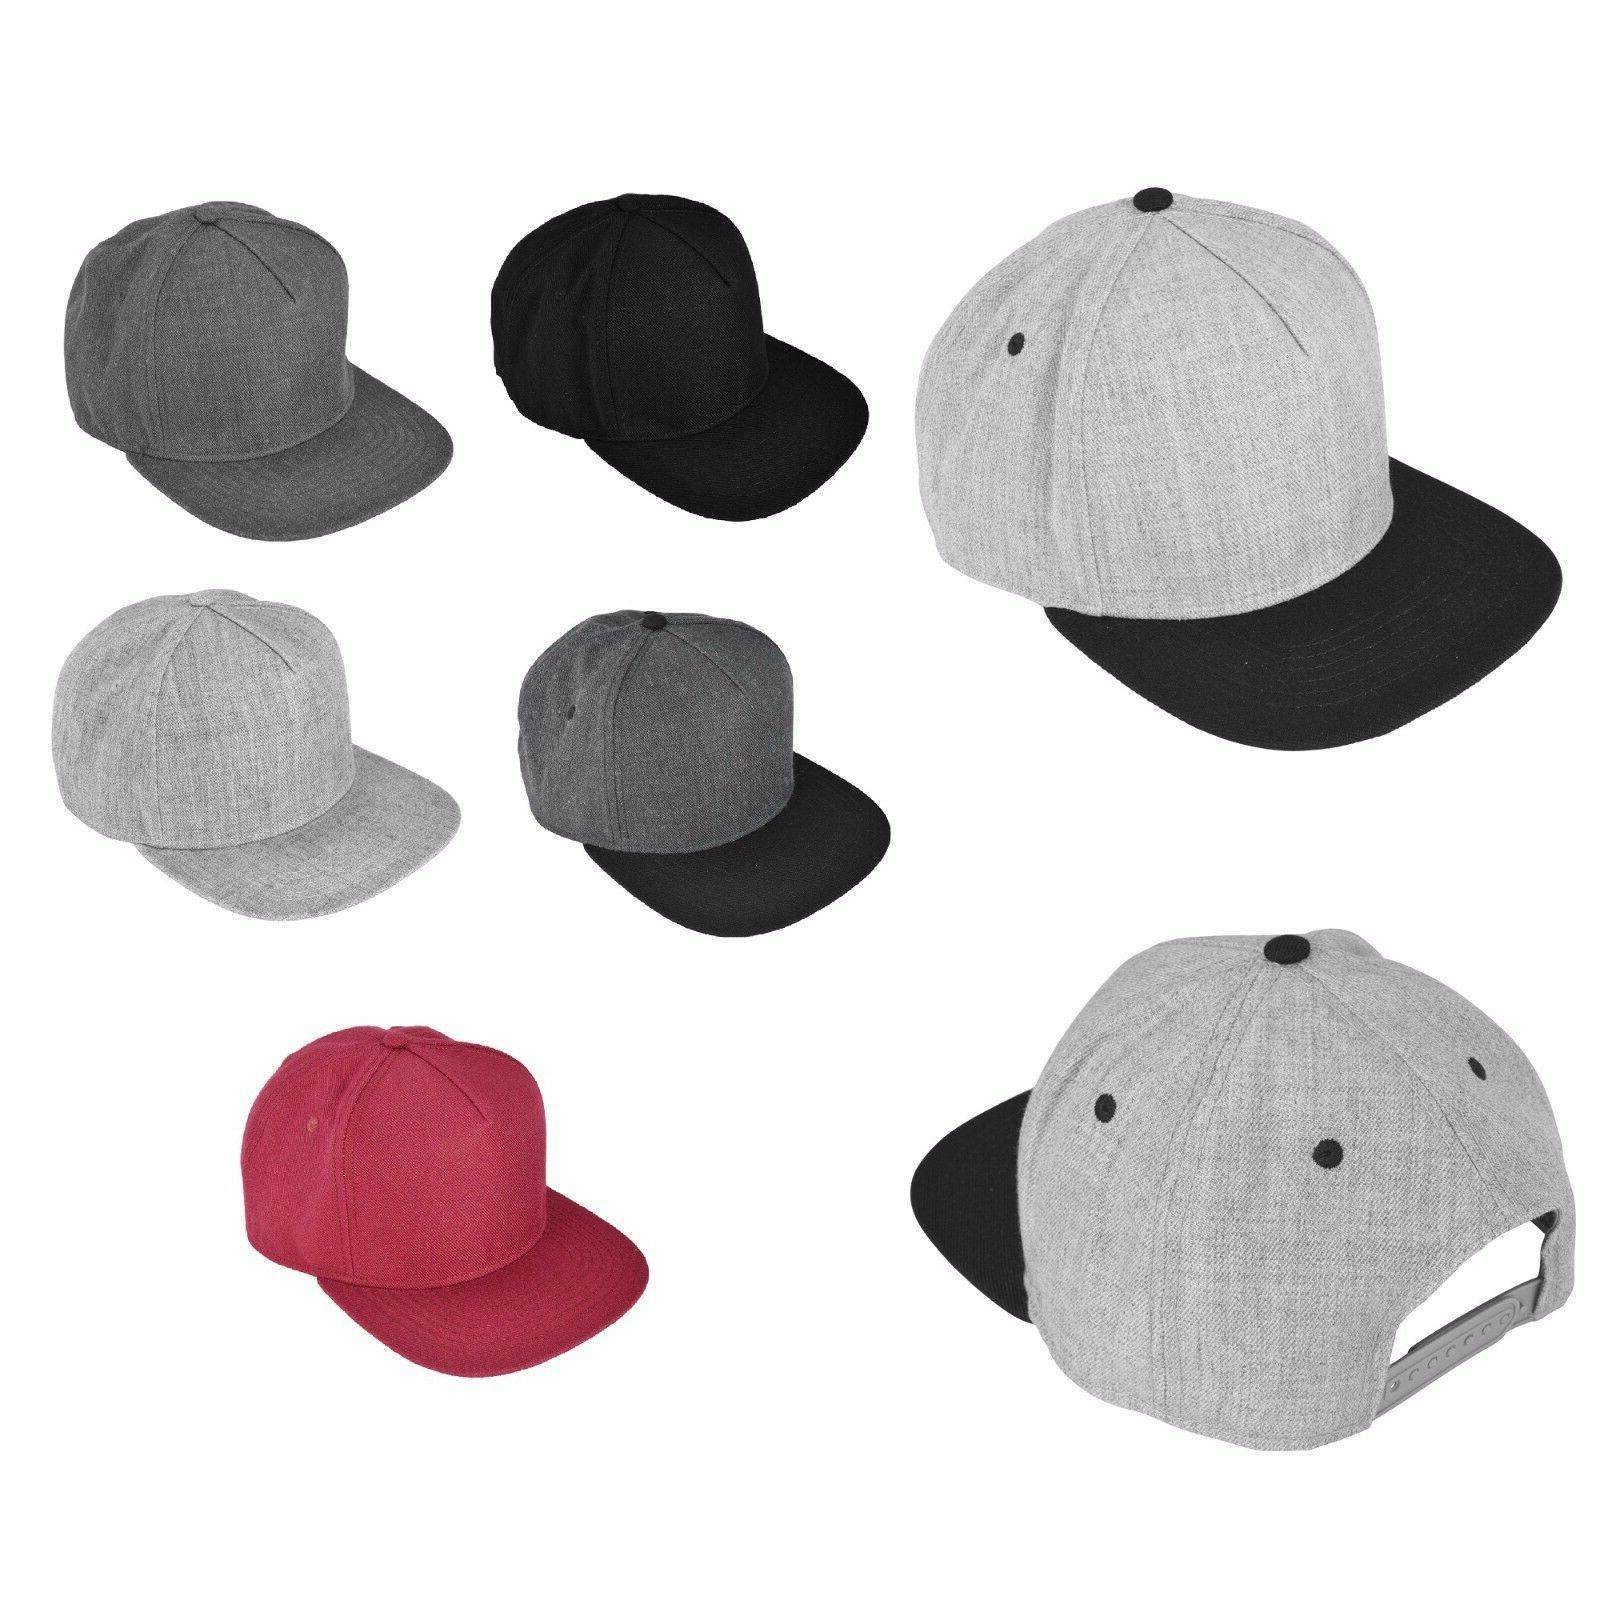 DALIX Baseball Cap Wool Hat Flat Bill Cap Urban Snapback Gra